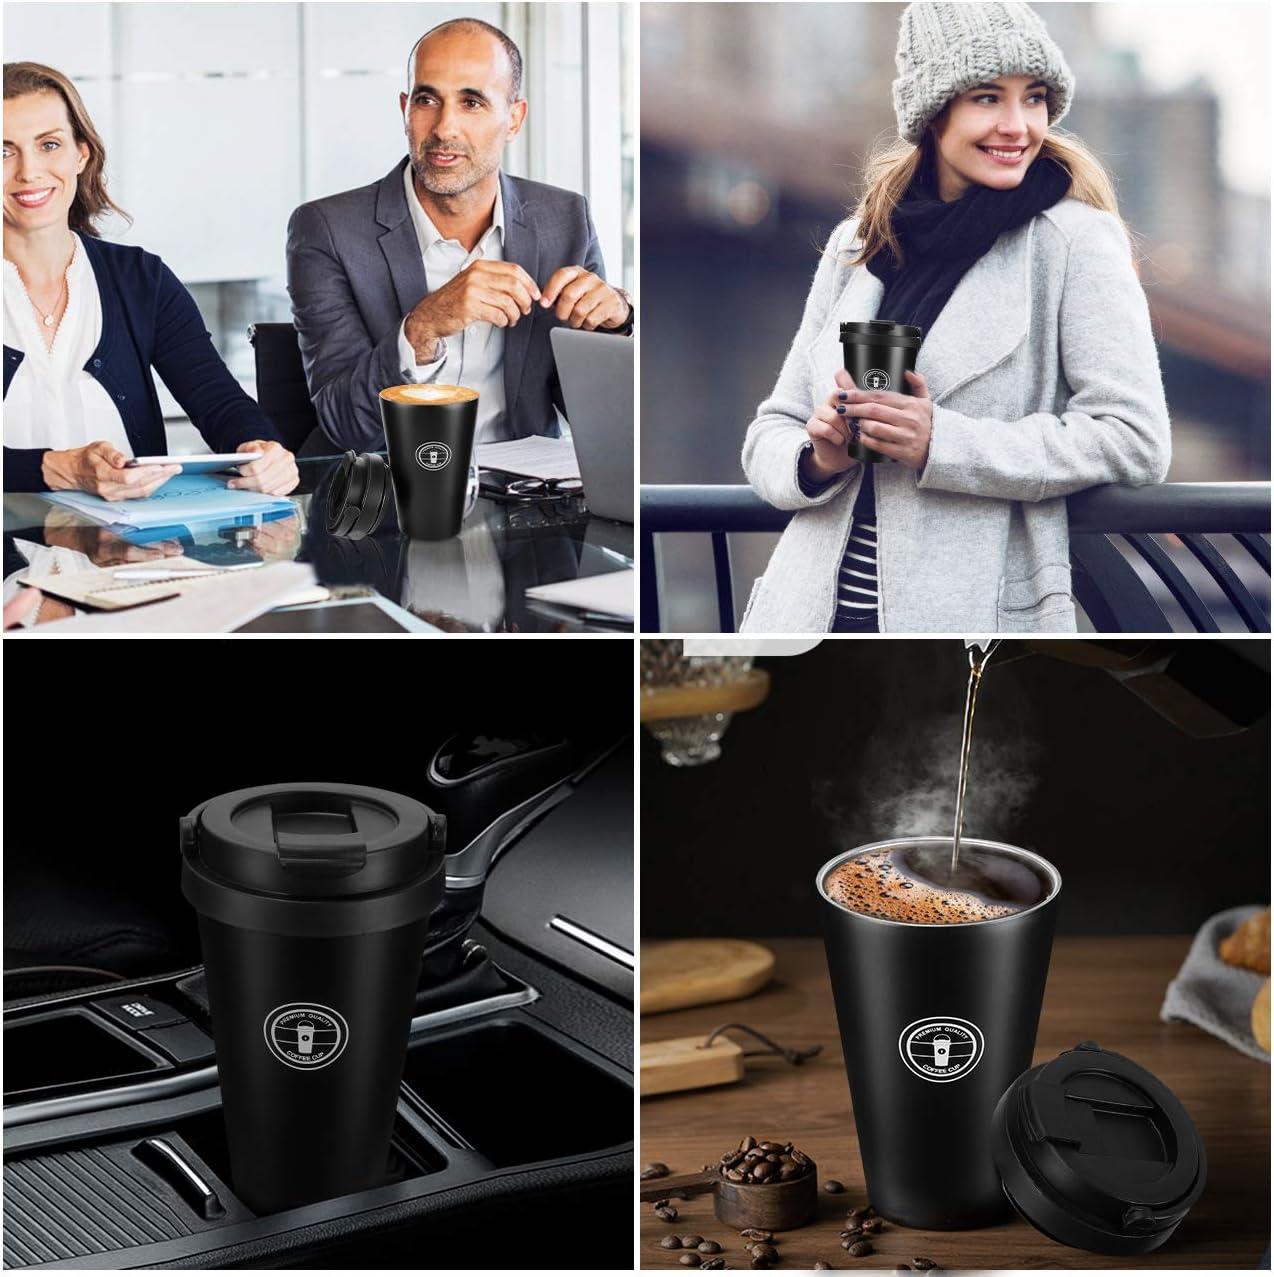 Gifort Tazza Termica da Viaggio 500ml Argento Thermos Isolato per caff/è in 304 Acciaio Inossidabile con Coperchio e Manico Tazza per caff/è da Viaggio Senza BPA per Bevande Calde e Fredde